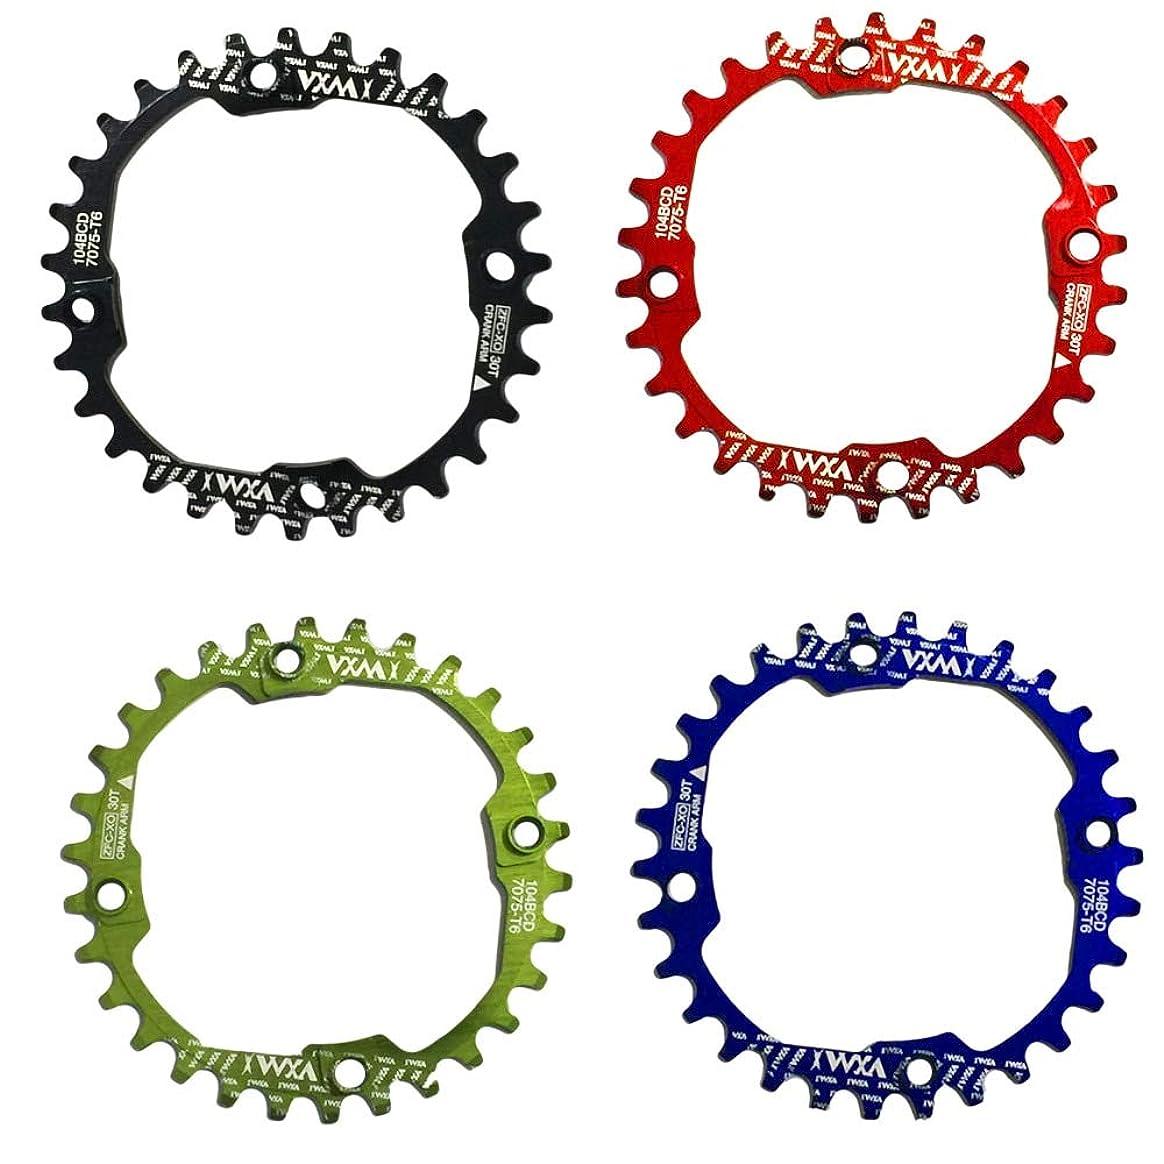 通行人見せます傾向Propenary - 1PC Bicycle Chainwheel Crank 30T 104BCD Aluminum Alloy Narrow Wide Chainring Round Bike Chainwheel Crankset Bicycle Parts [ Red ]